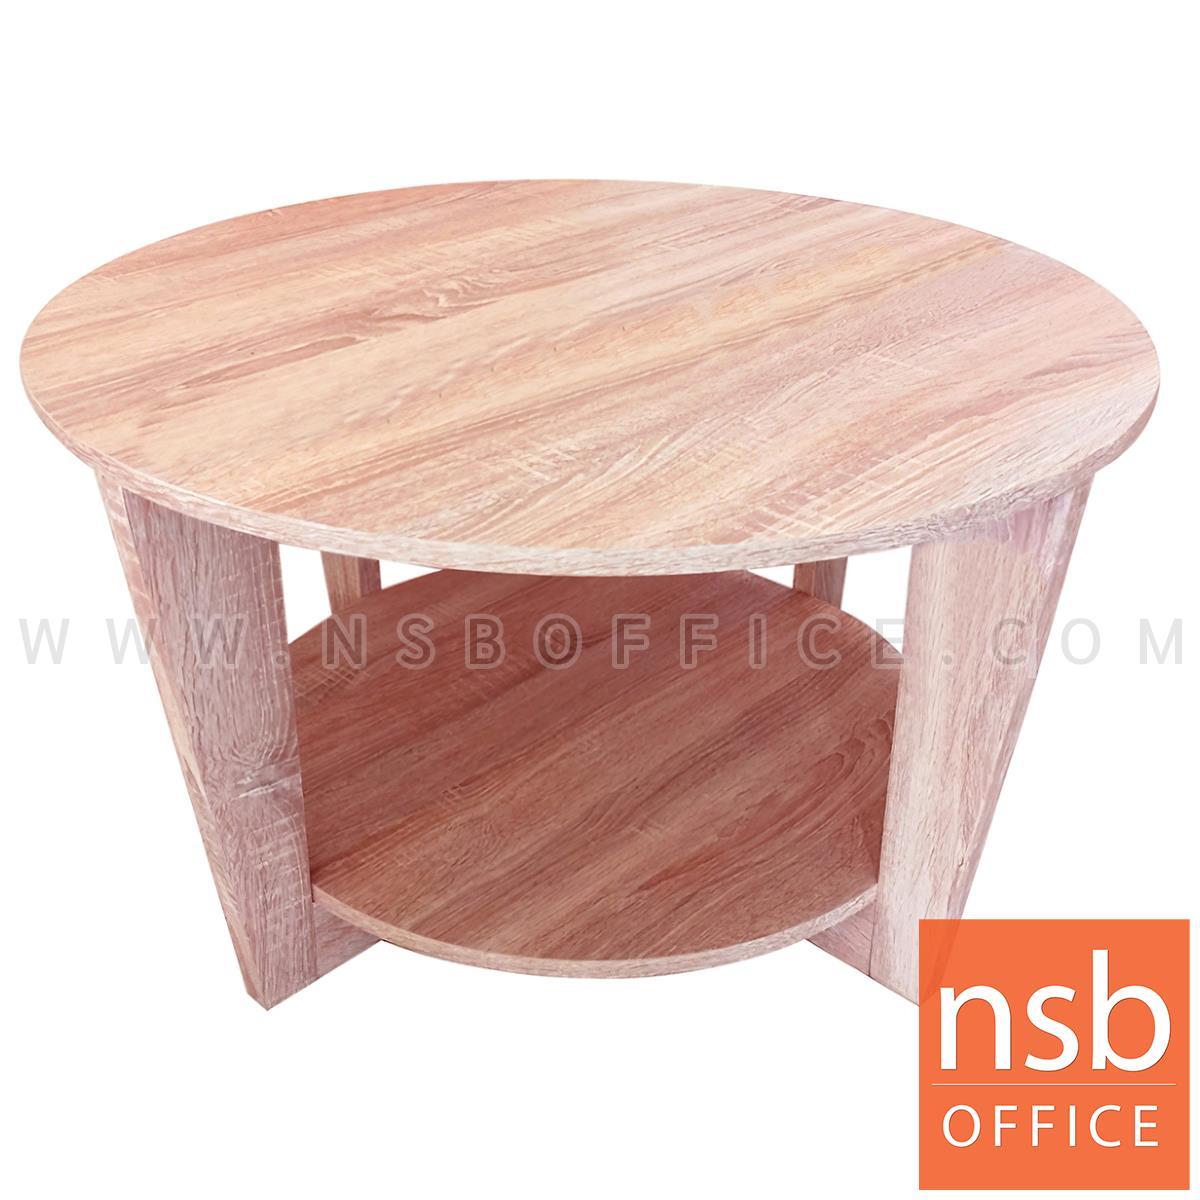 โต๊ะกลางไม้ รุ่น Psylocke (ไซล็อค) ขนาด 80Di cm. โครงไม้